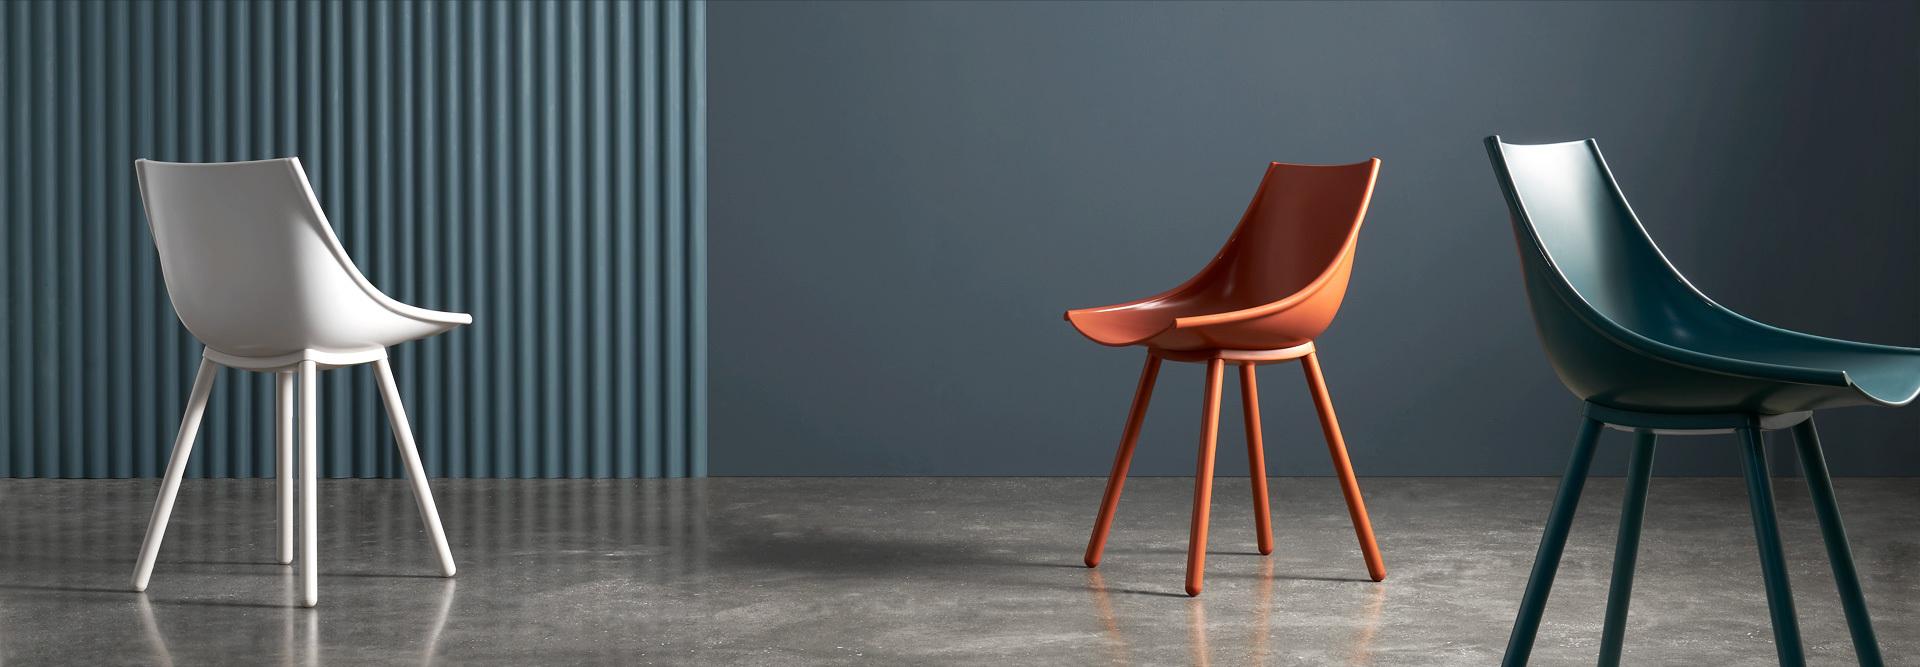 为当下而造,一把属于世界的现代主义之椅